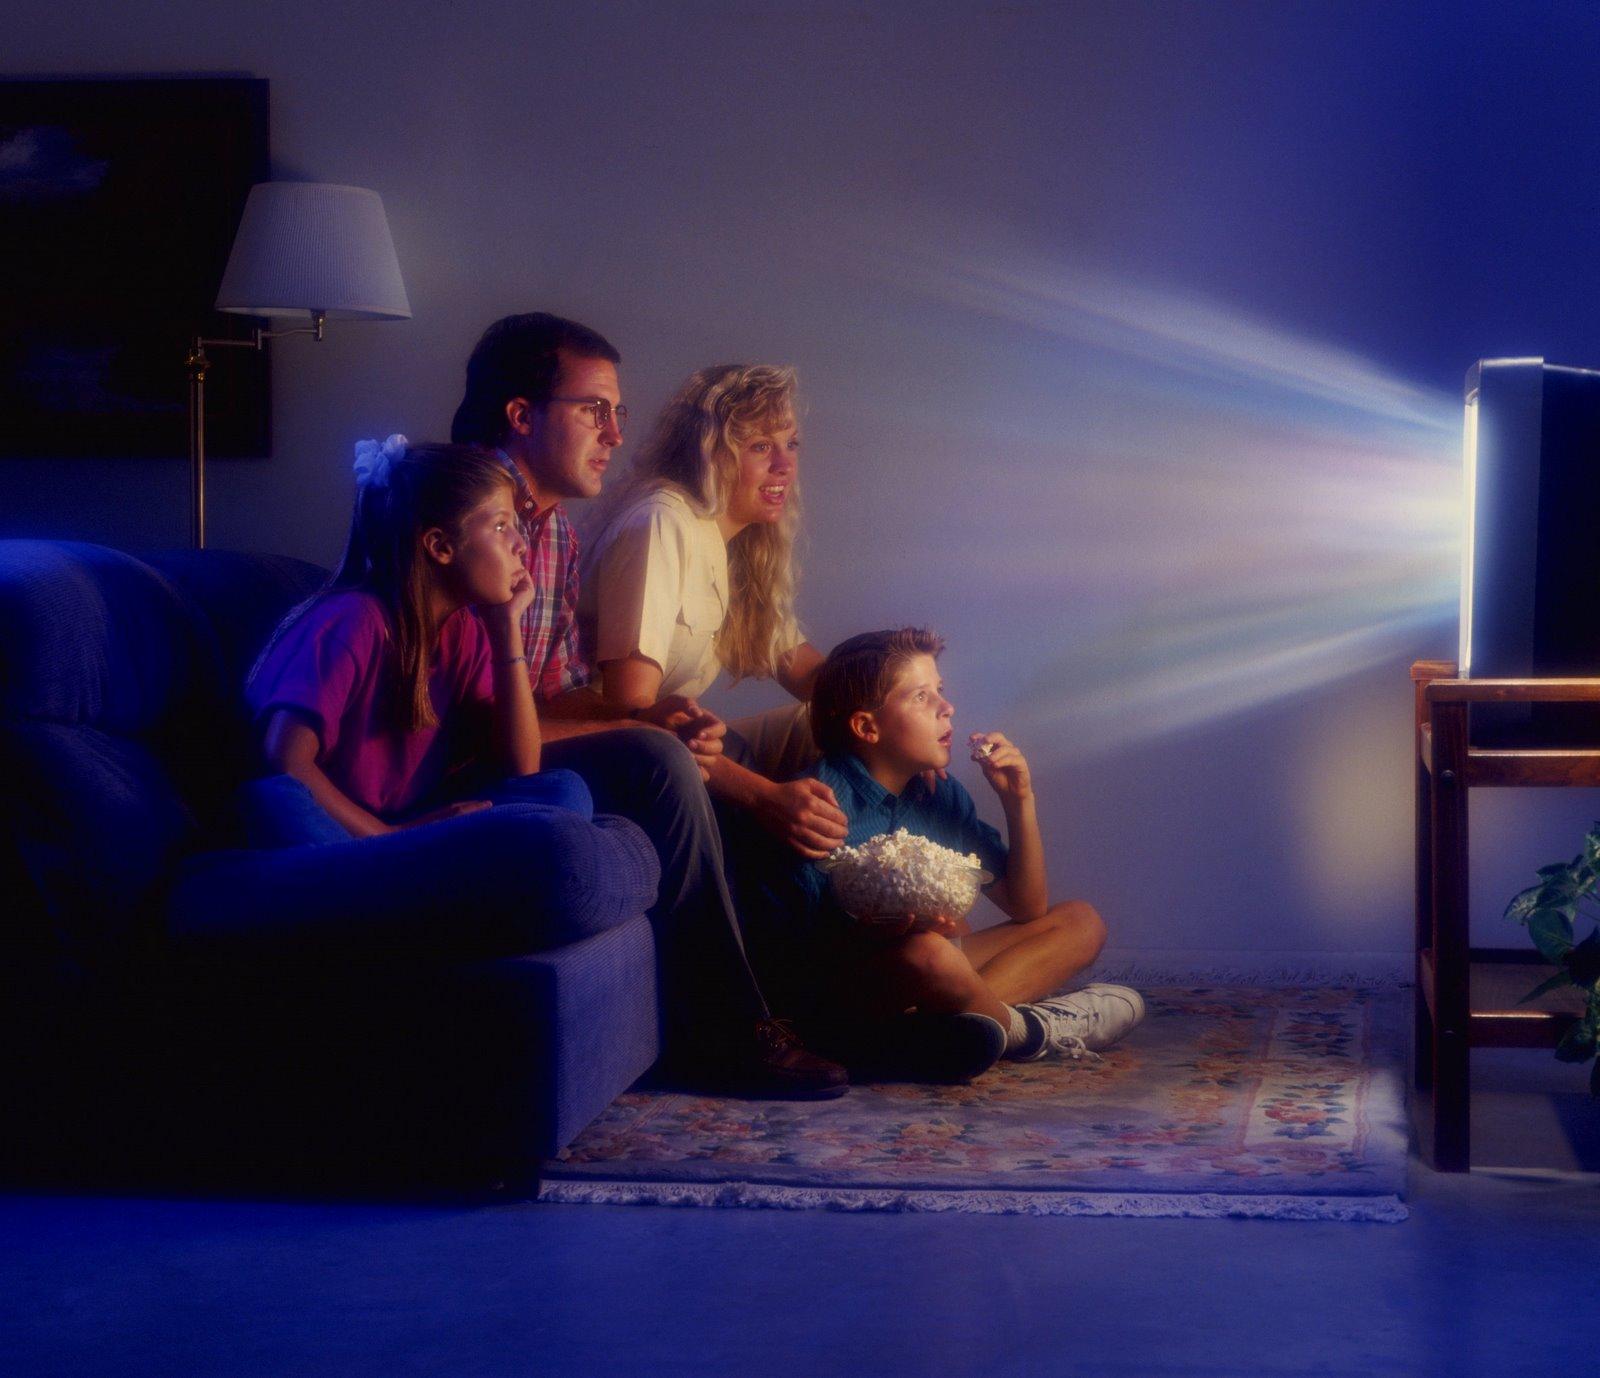 Члены из телевизора 9 фотография